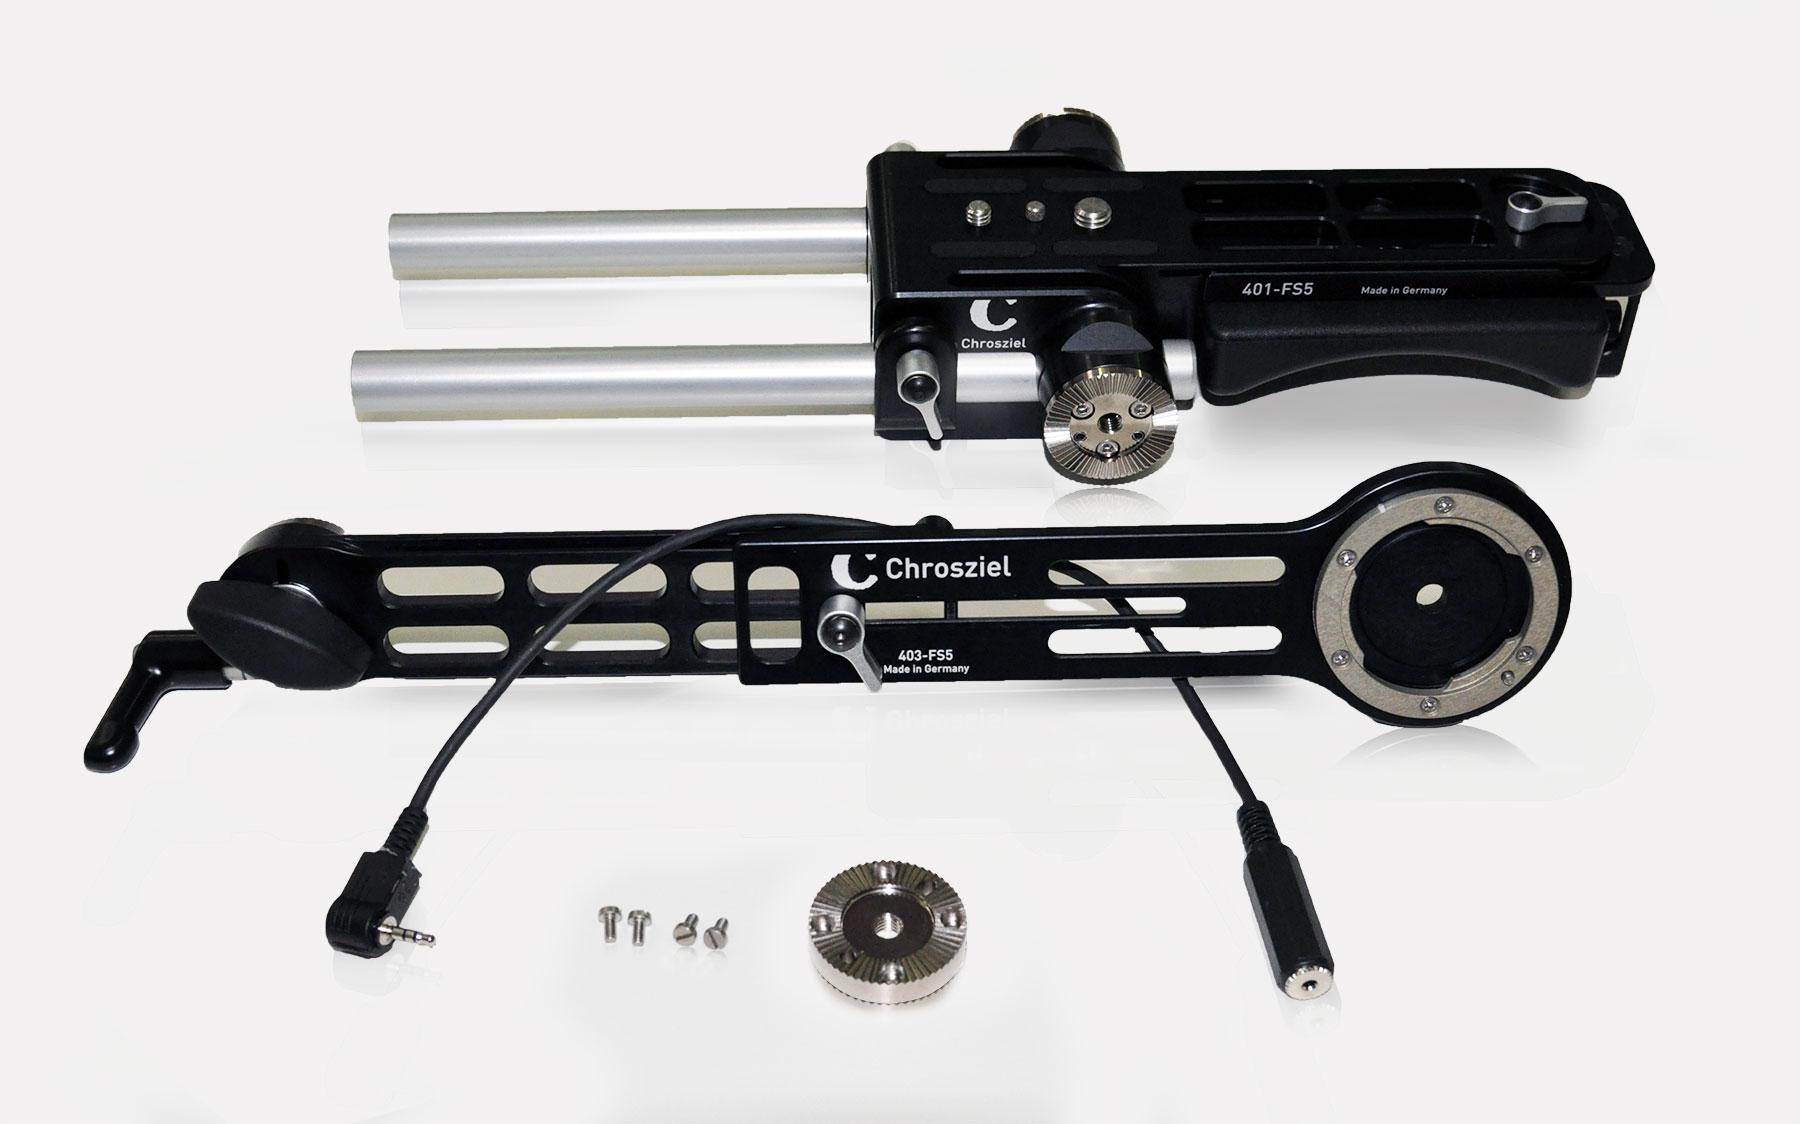 Kit für Sony PXW-FS5: Leichtstütze und Handgriffverlängerung